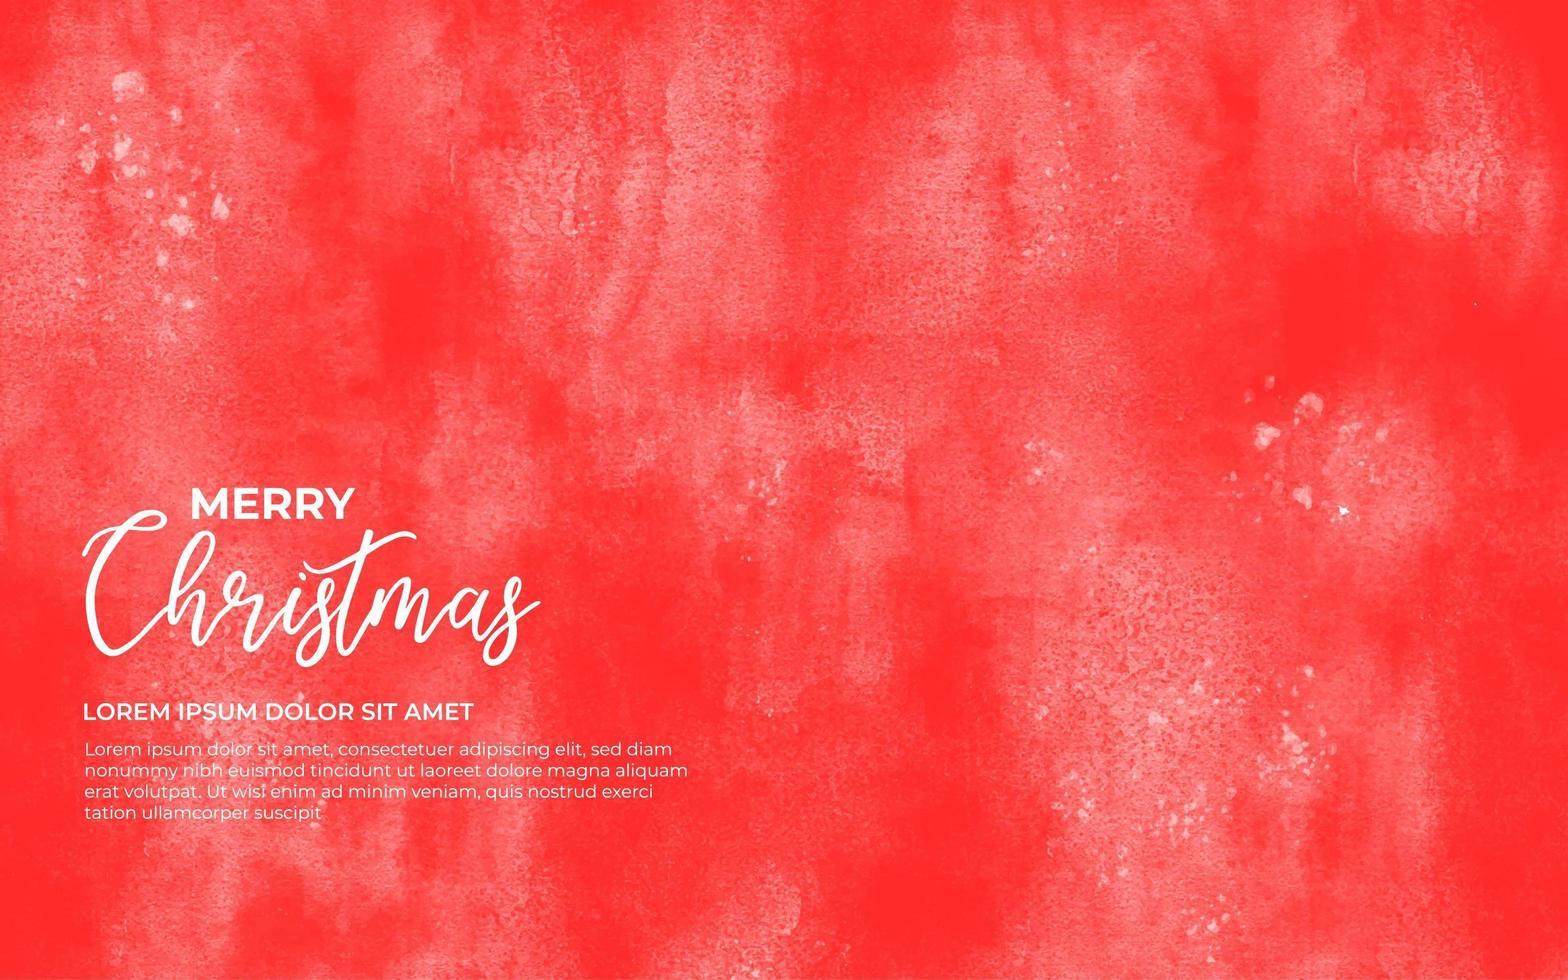 röd akvarell bakgrund för jul vektor